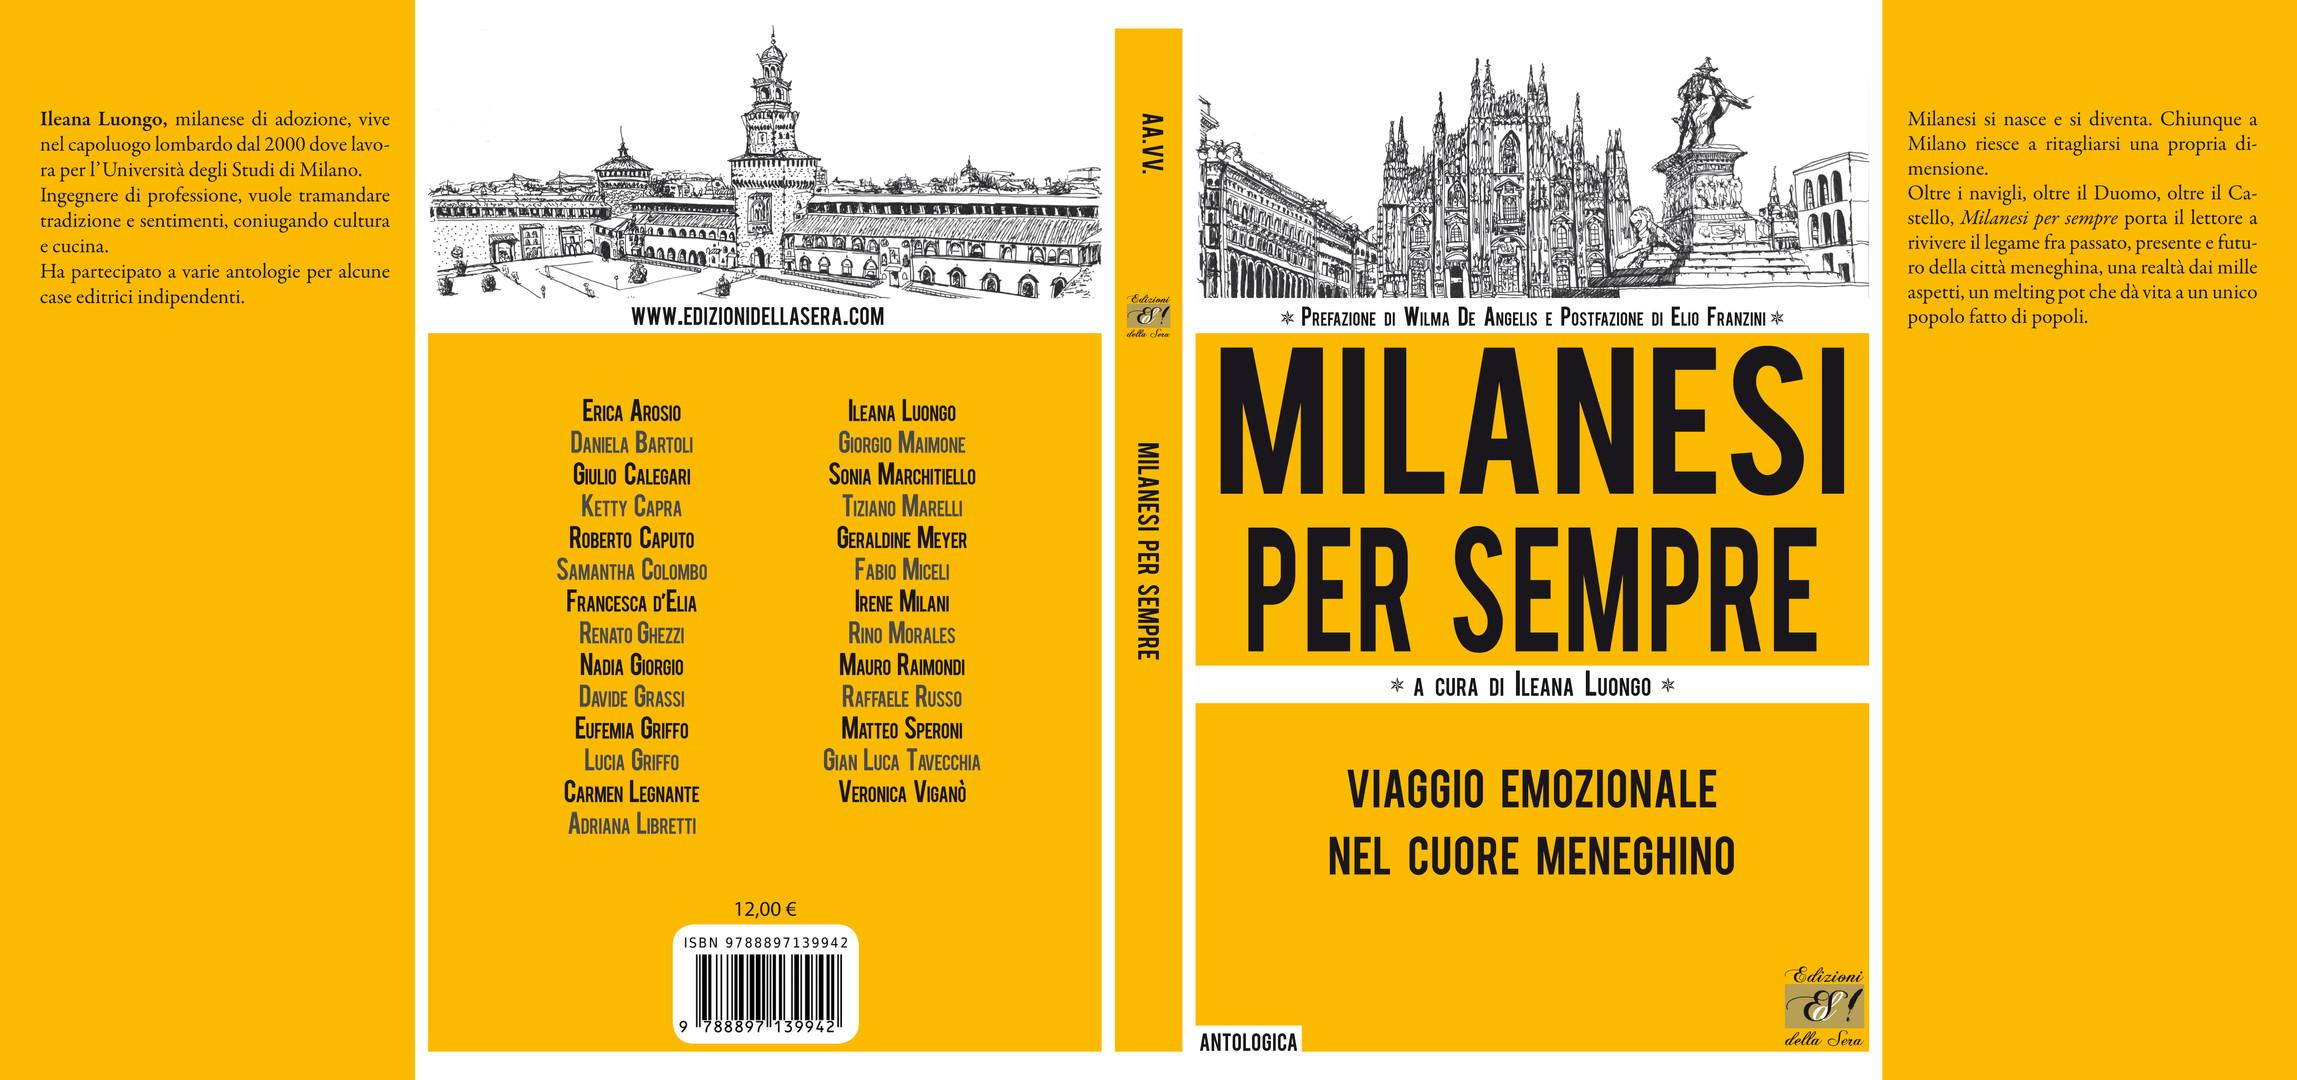 Cop Milanesi per sempre_2019.jpg